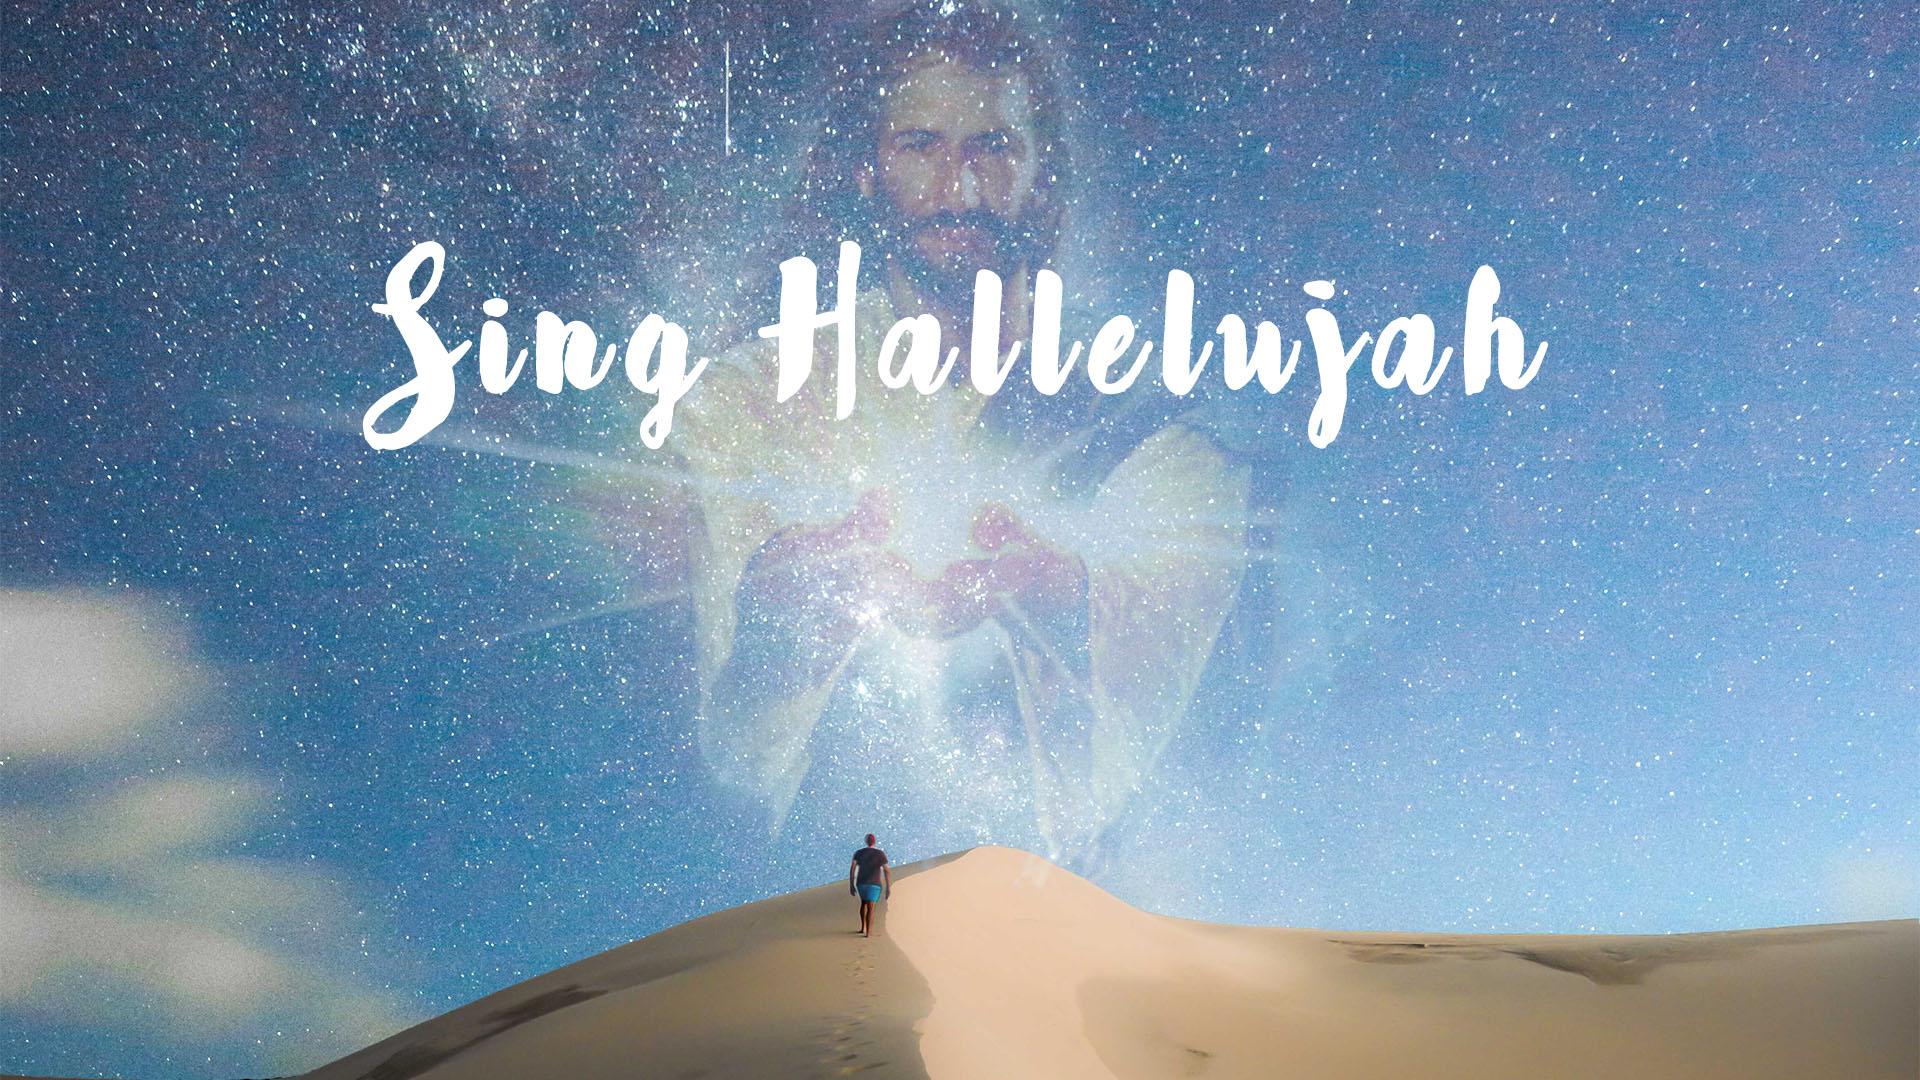 Jesus Appears in Man Sing Hallelujah